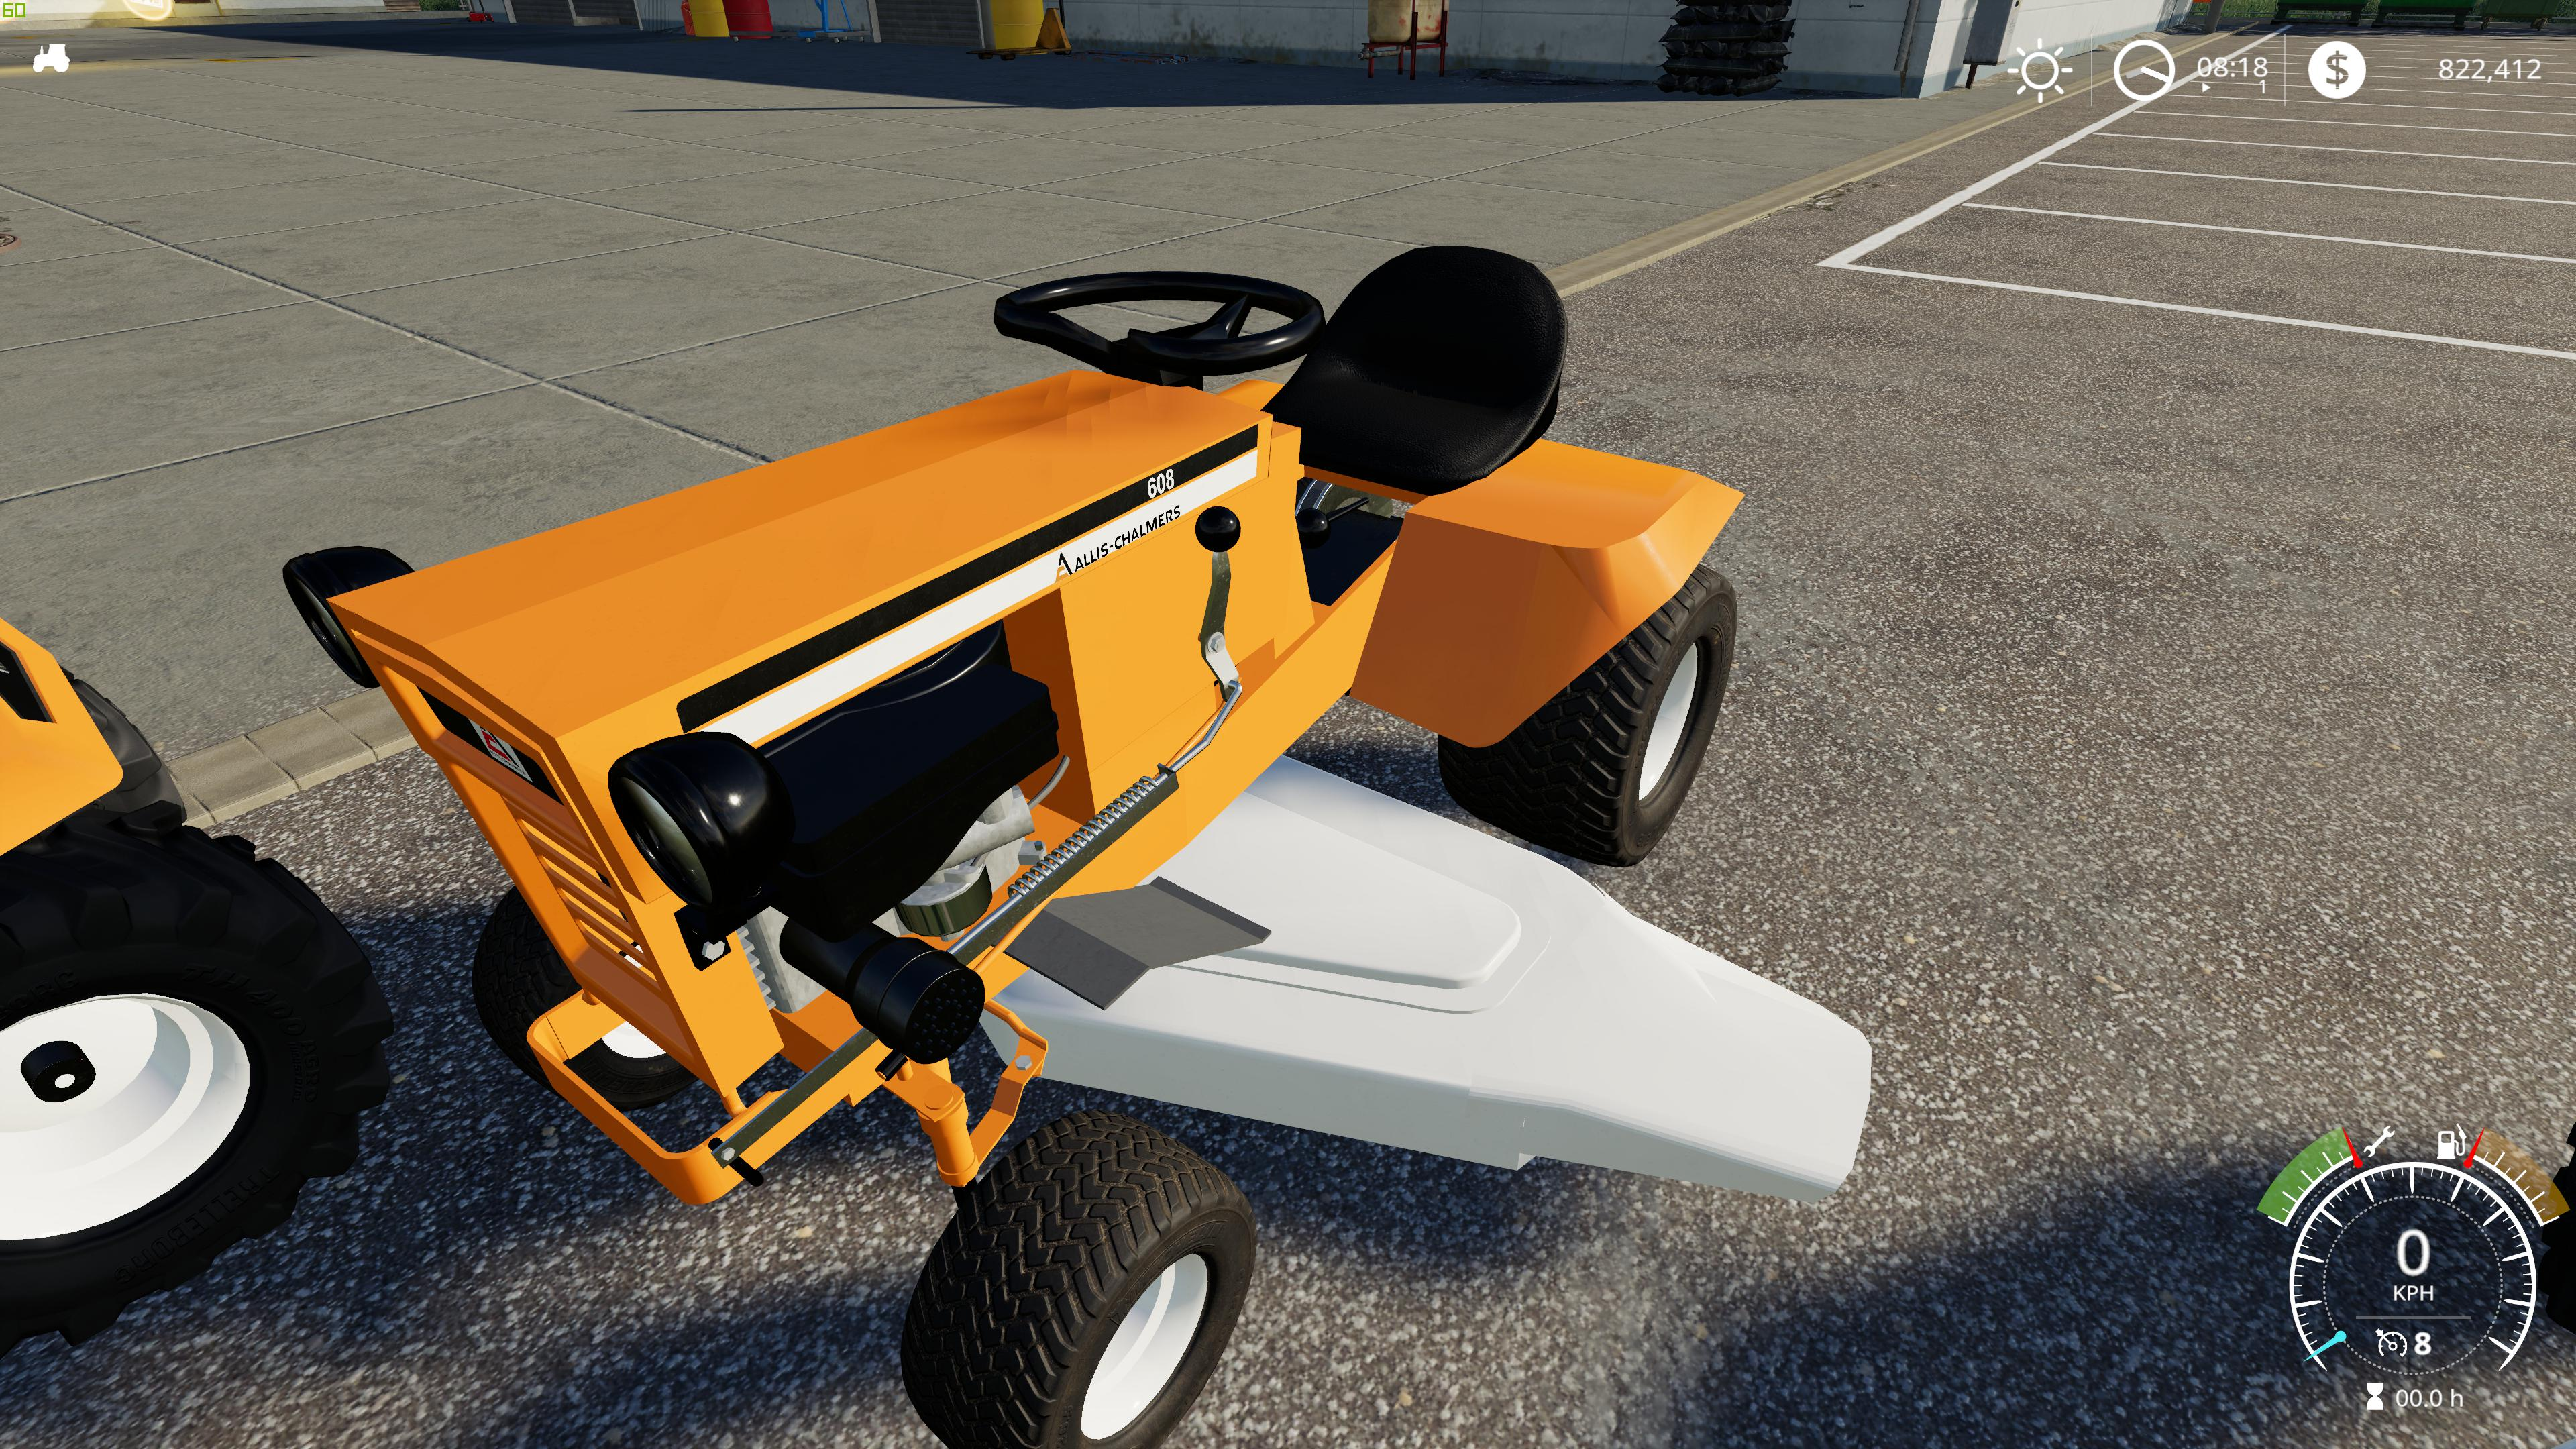 1974 Allis Chalmers 608 v1 0 0 0 FS19 - Farming Simulator 19